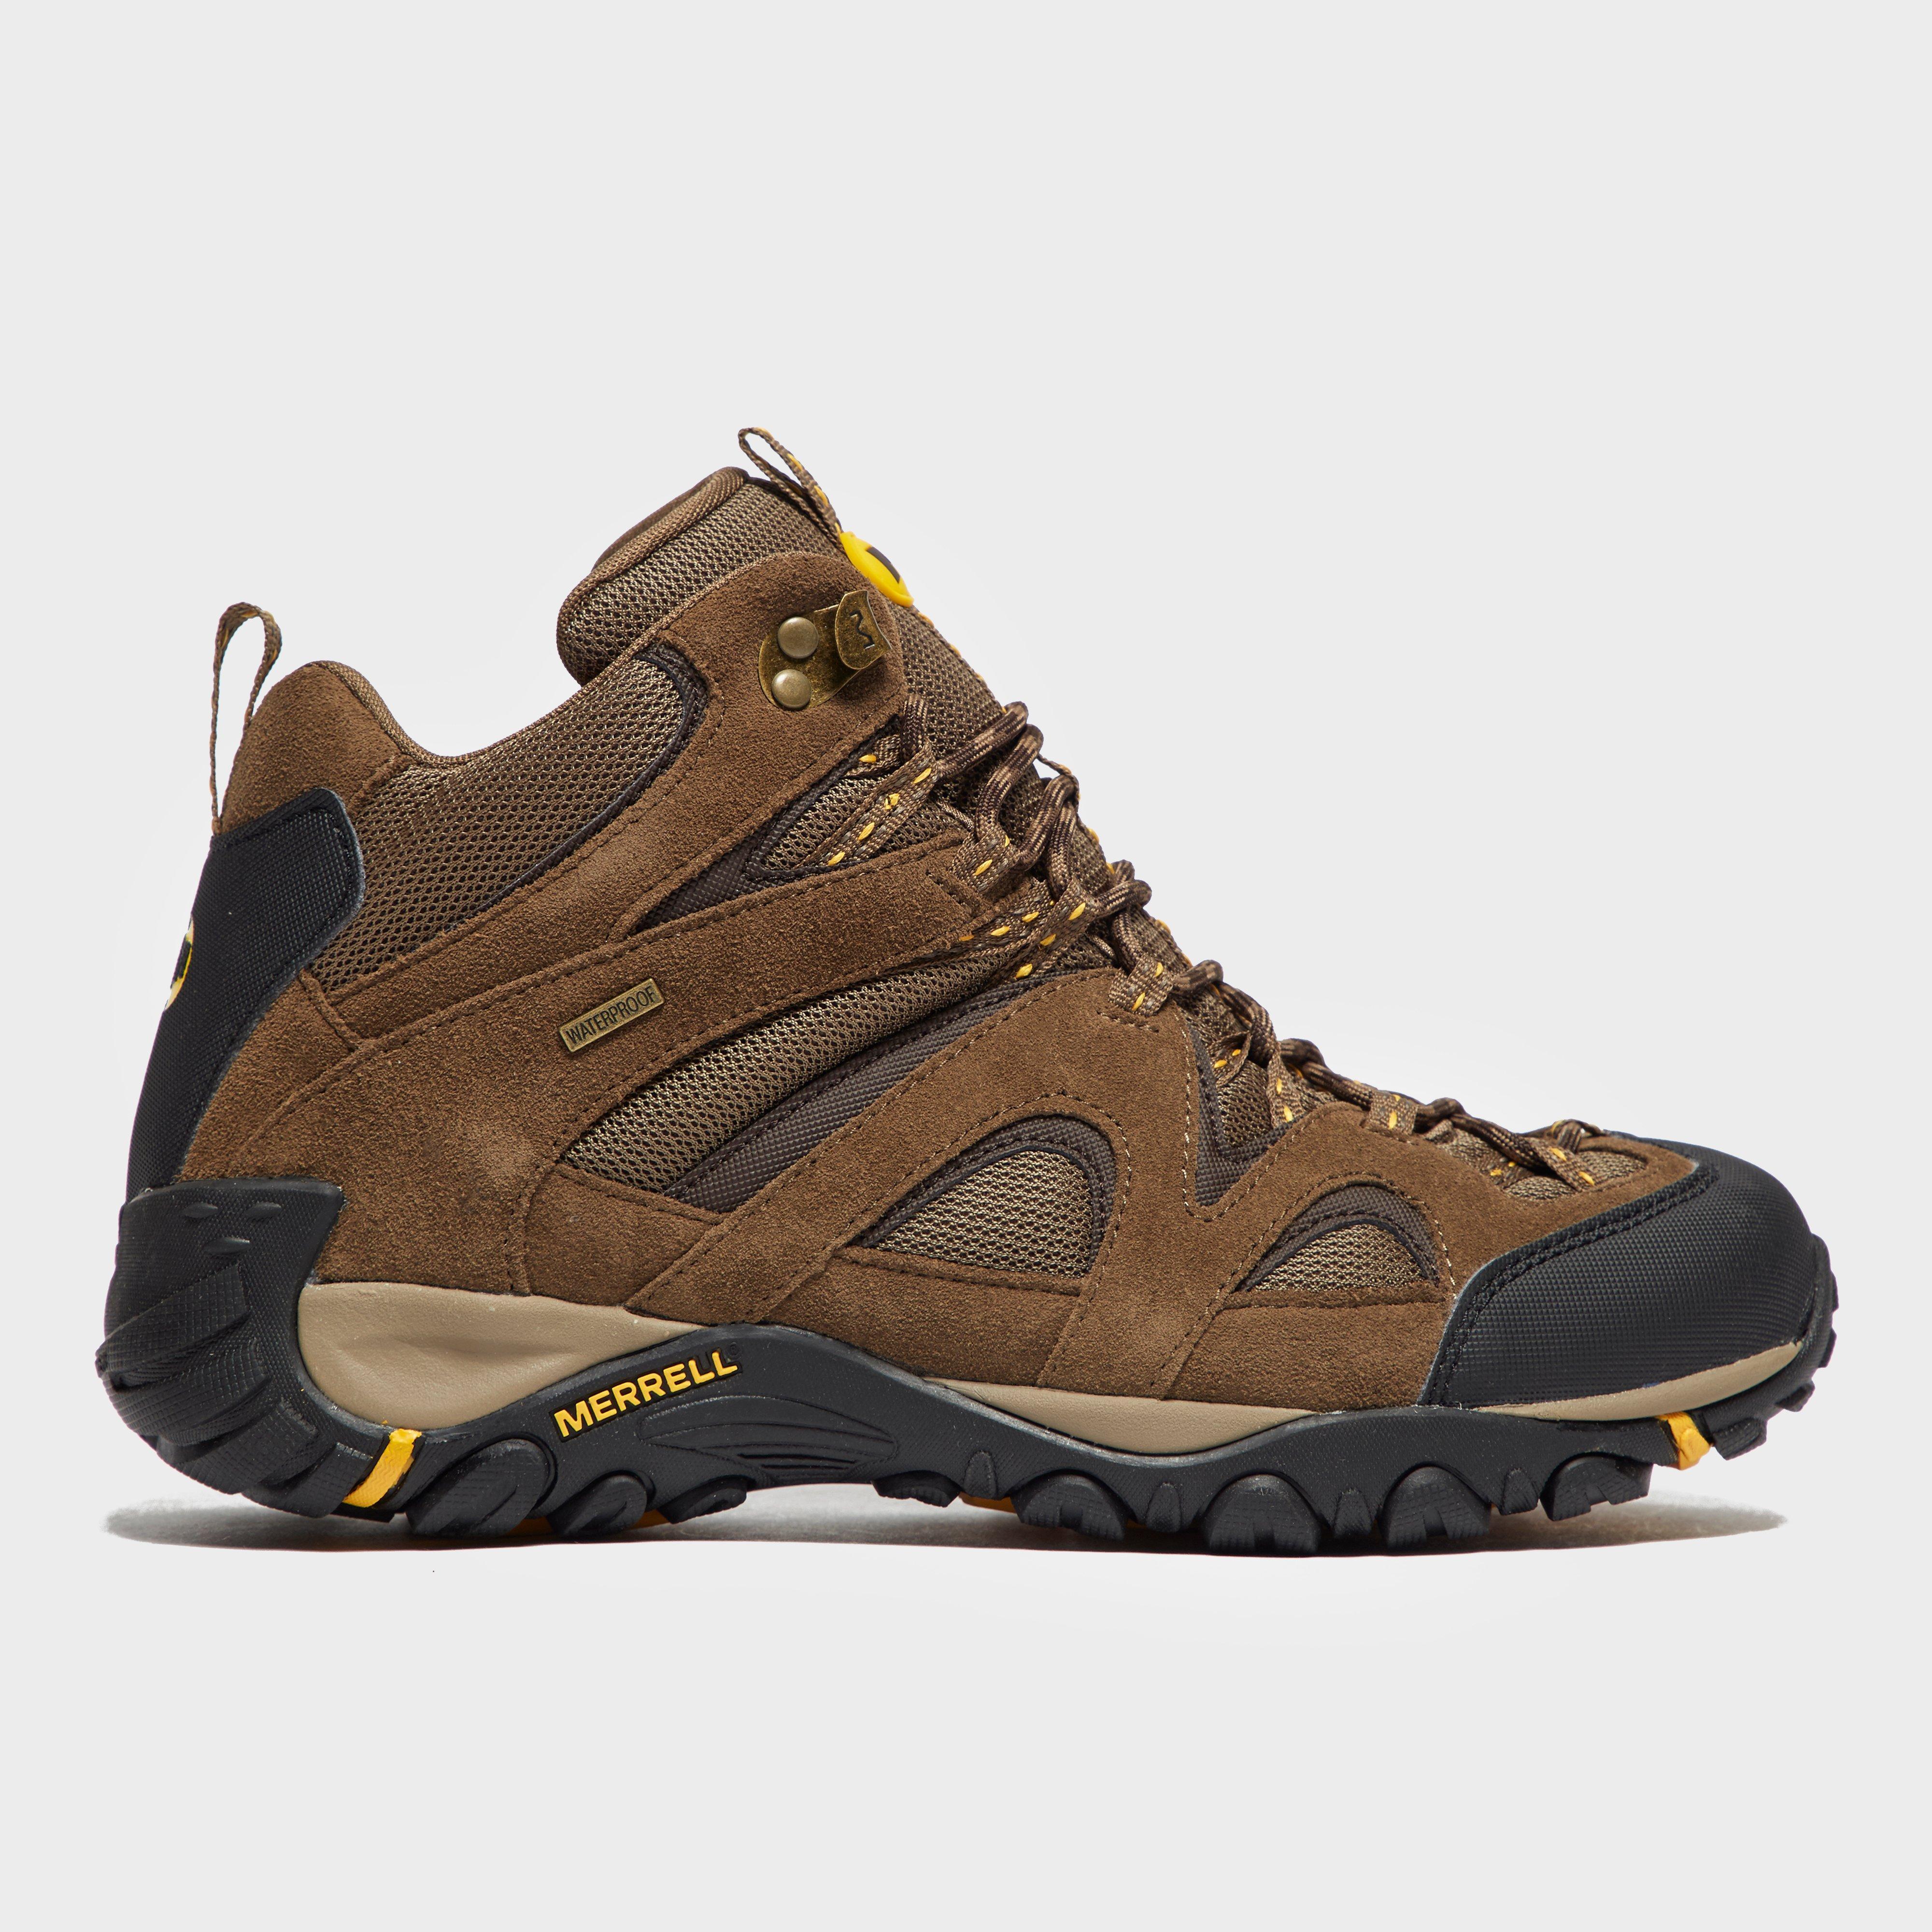 Merrell Men's Energis Mid Walking Boot